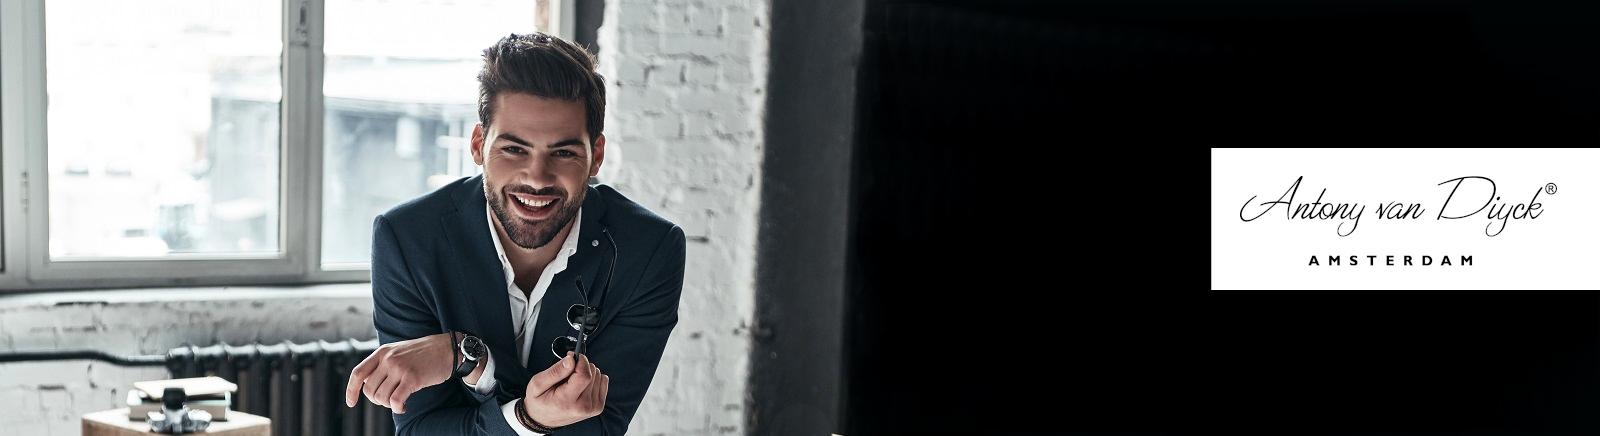 Juppen: Antony van Diyck Damenschuhe online shoppen